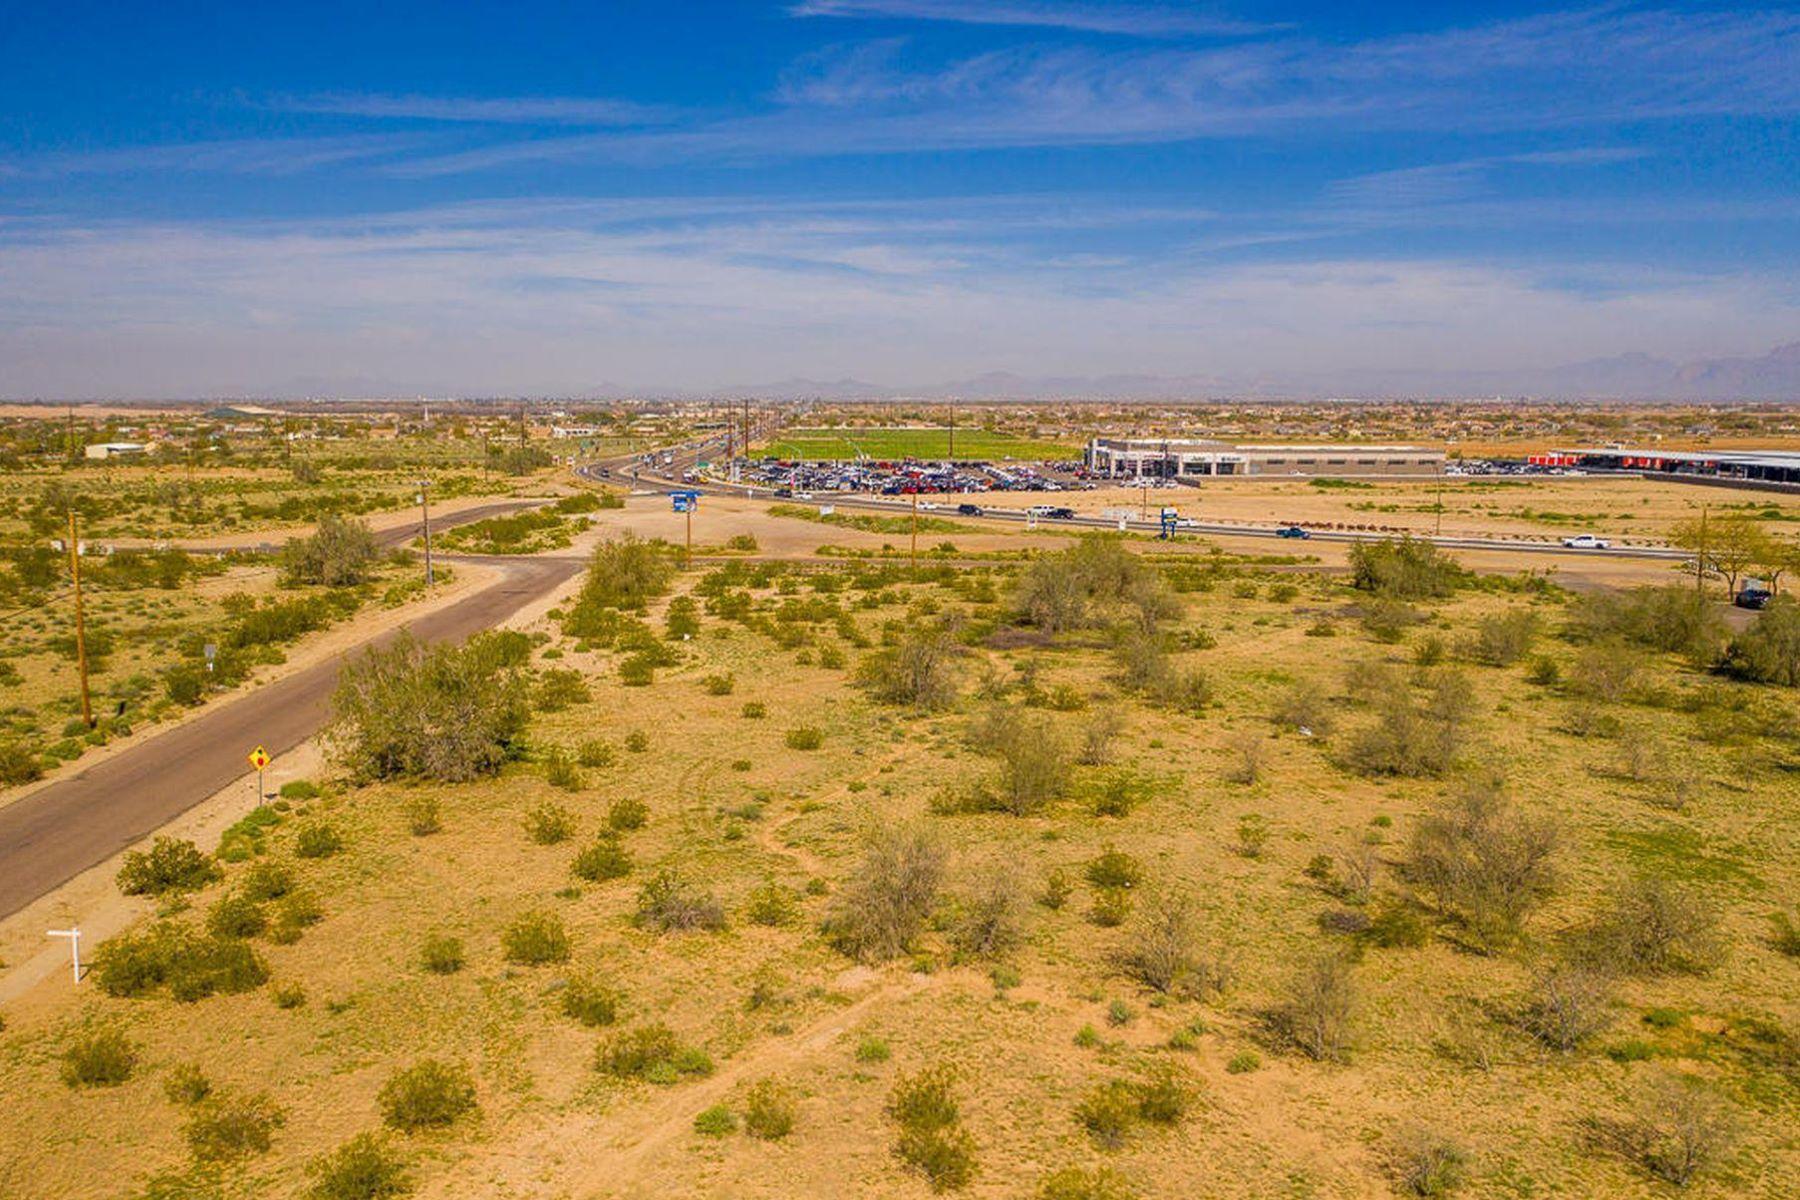 Οικόπεδο για την Πώληση στο Queen Creek 35393 N ELLSWORTH AVE, Queen Creek, Αριζονα 85142 Ηνωμένες Πολιτείες